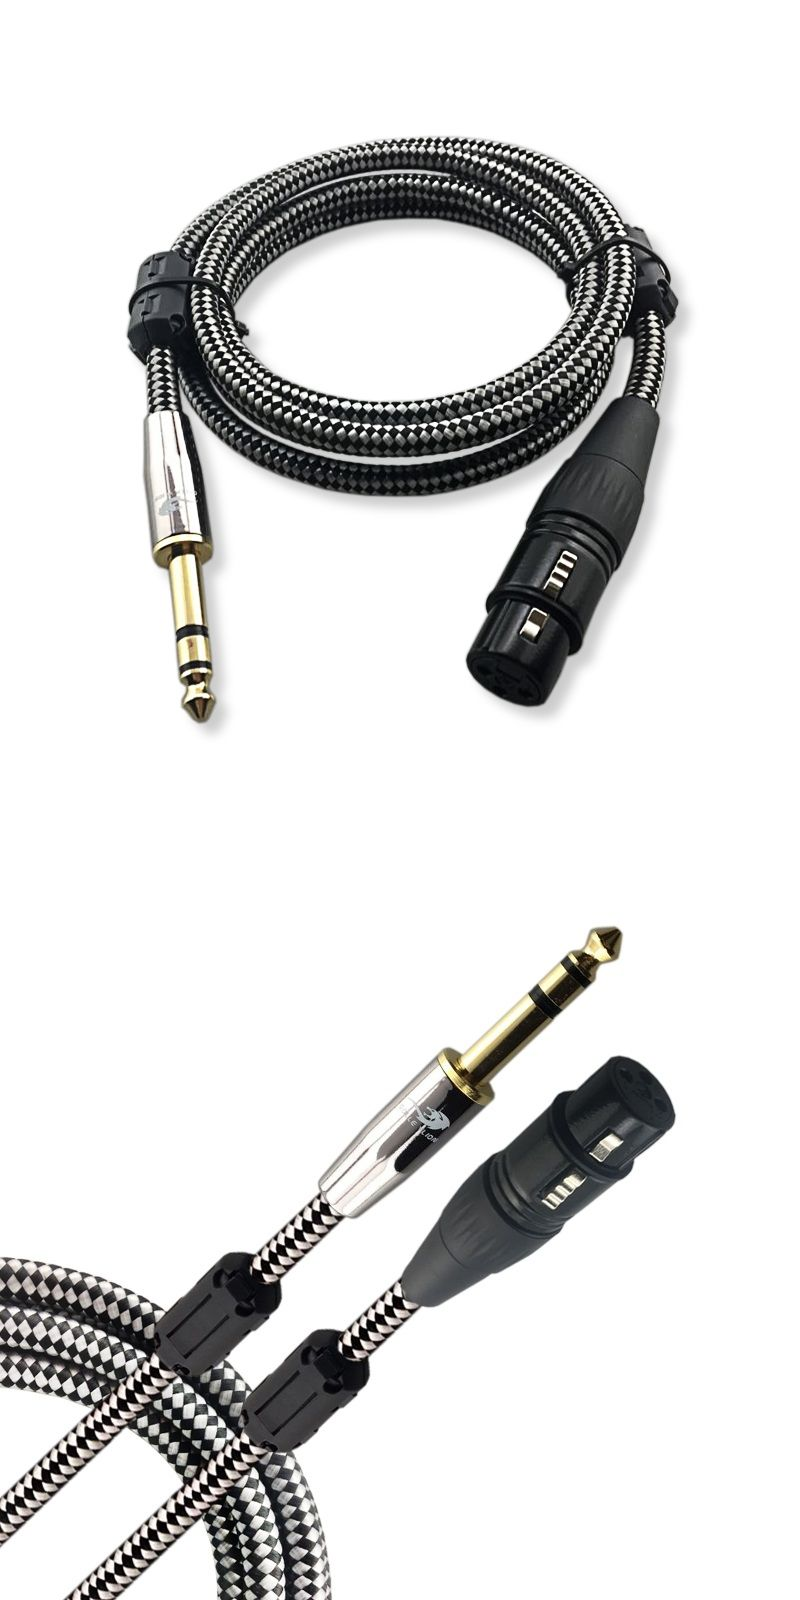 1m 2m 3m 5m 8m - 1/4\'\' Stereo Male 6.35mm to XLR Female 3 pin ...